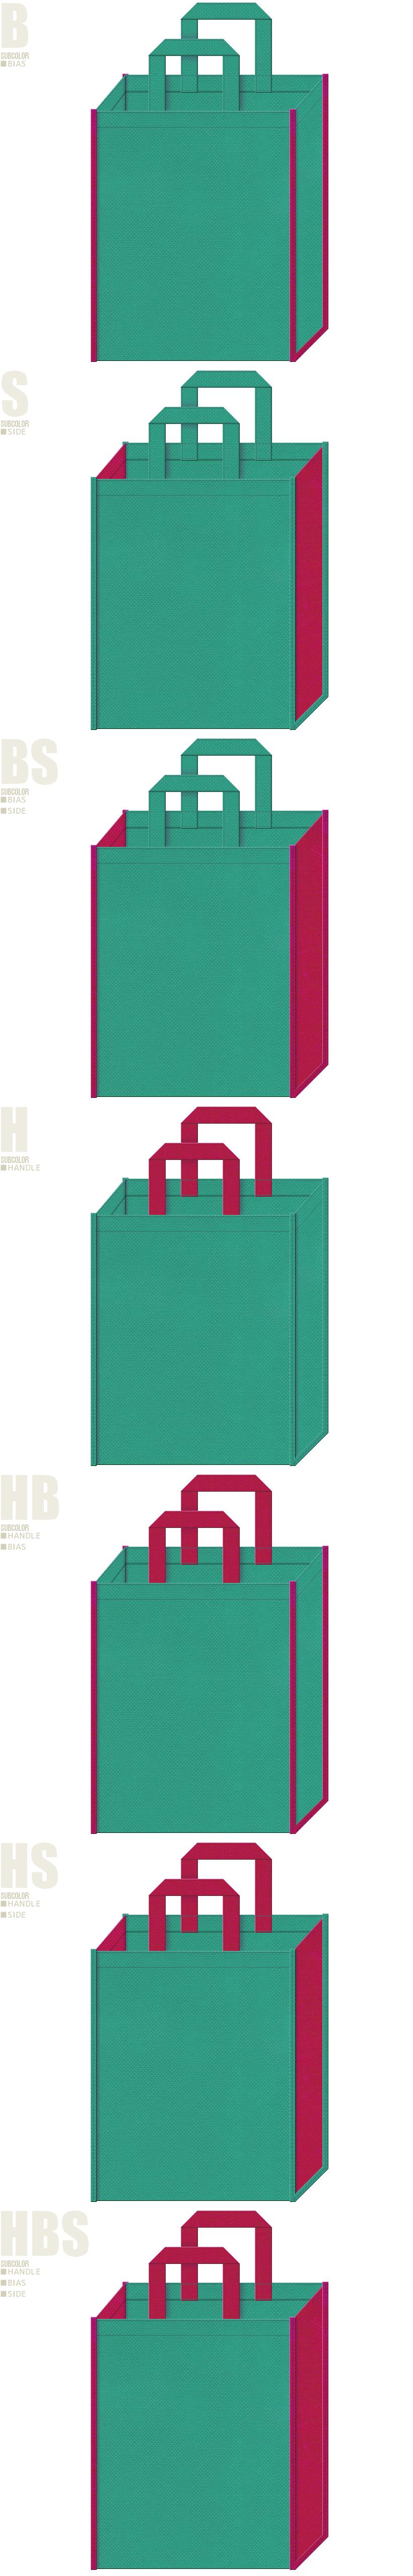 南国・カクテル・トロピカルのイメージにお奨めの不織布バッグデザイン:青緑色と濃いピンク色の不織布バッグ配色7パターン。